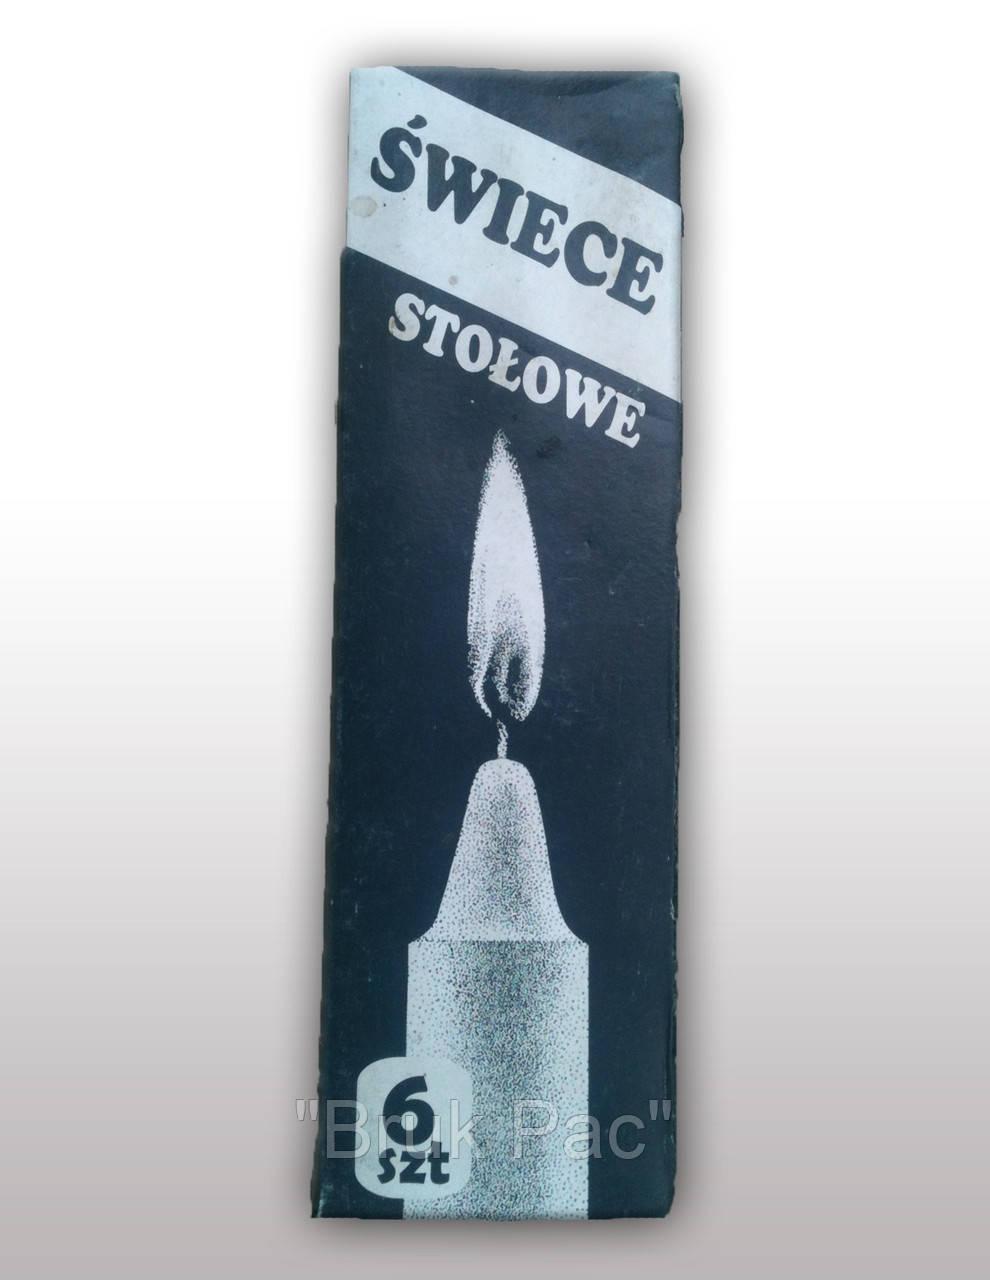 Свечи столовые белые (Польша) 6 шт